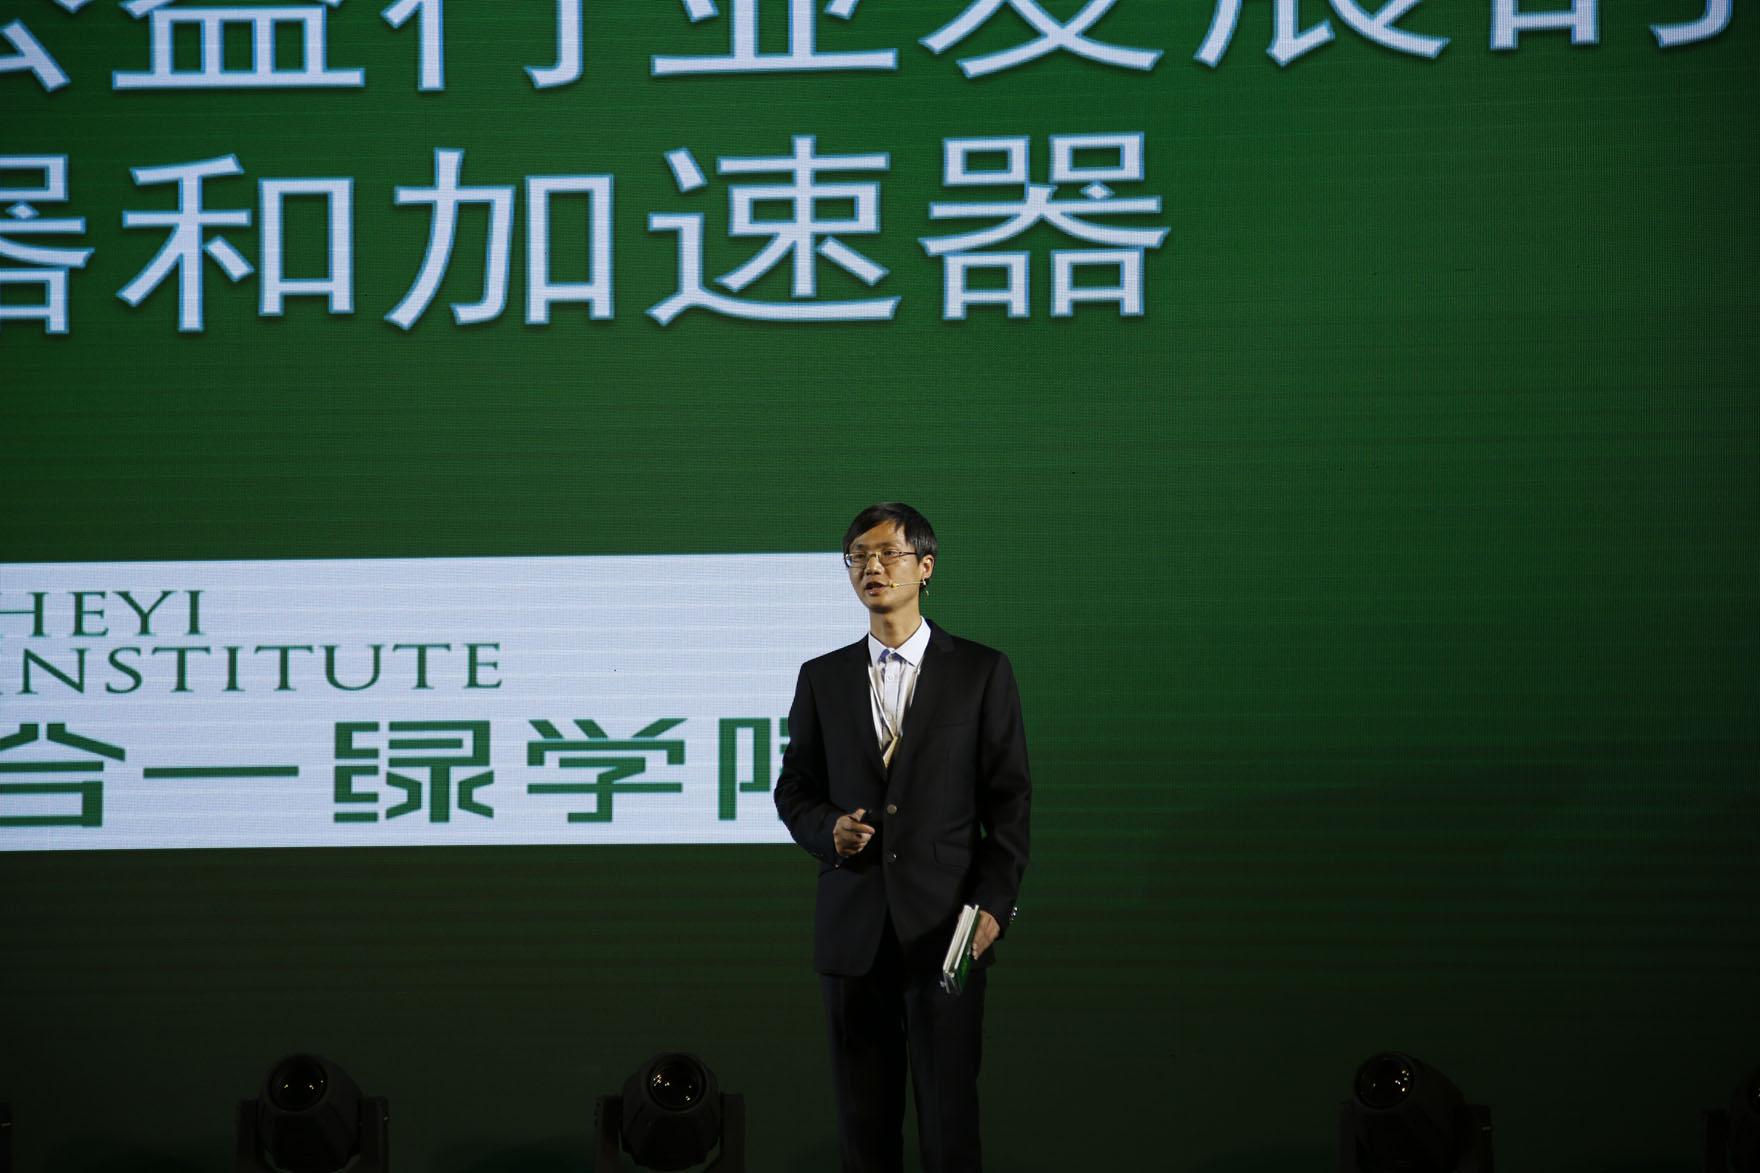 """XIN伙伴""""合一绿色公益基金会""""秘书长吴昊亮分享.jpg"""